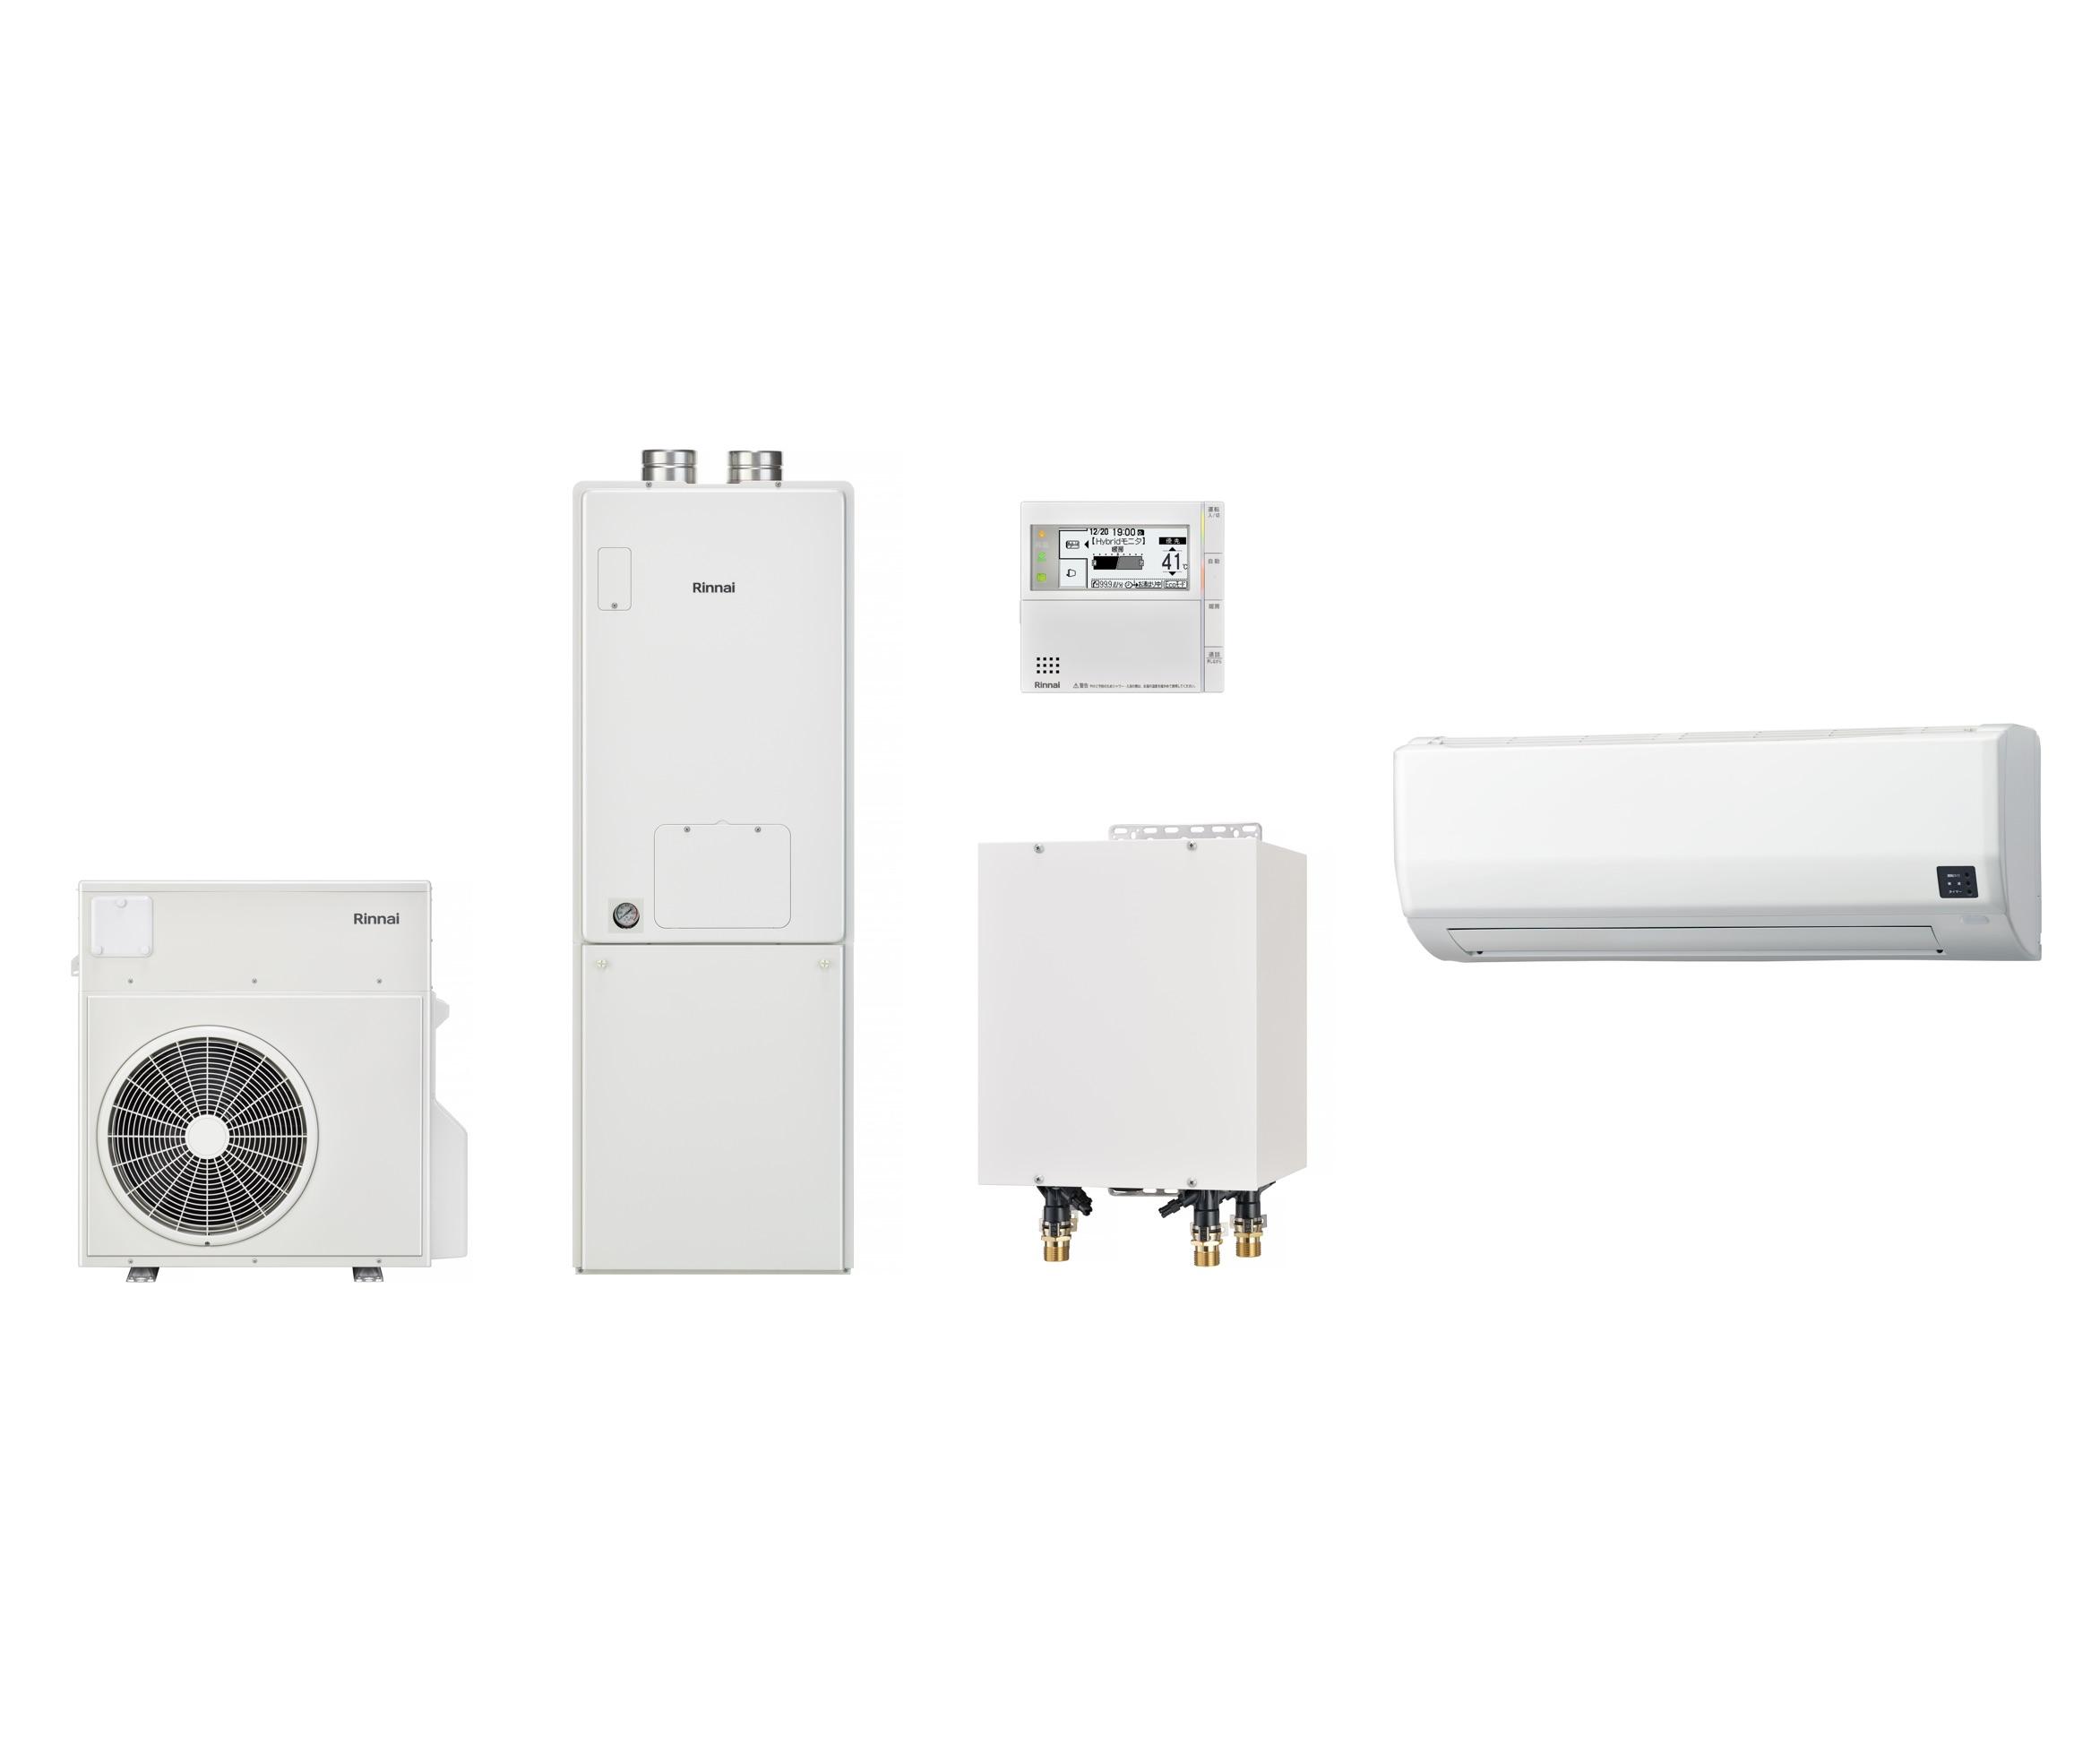 コロナら3社、寒冷地向けハイブリッド冷暖房・給湯システムを共同開発